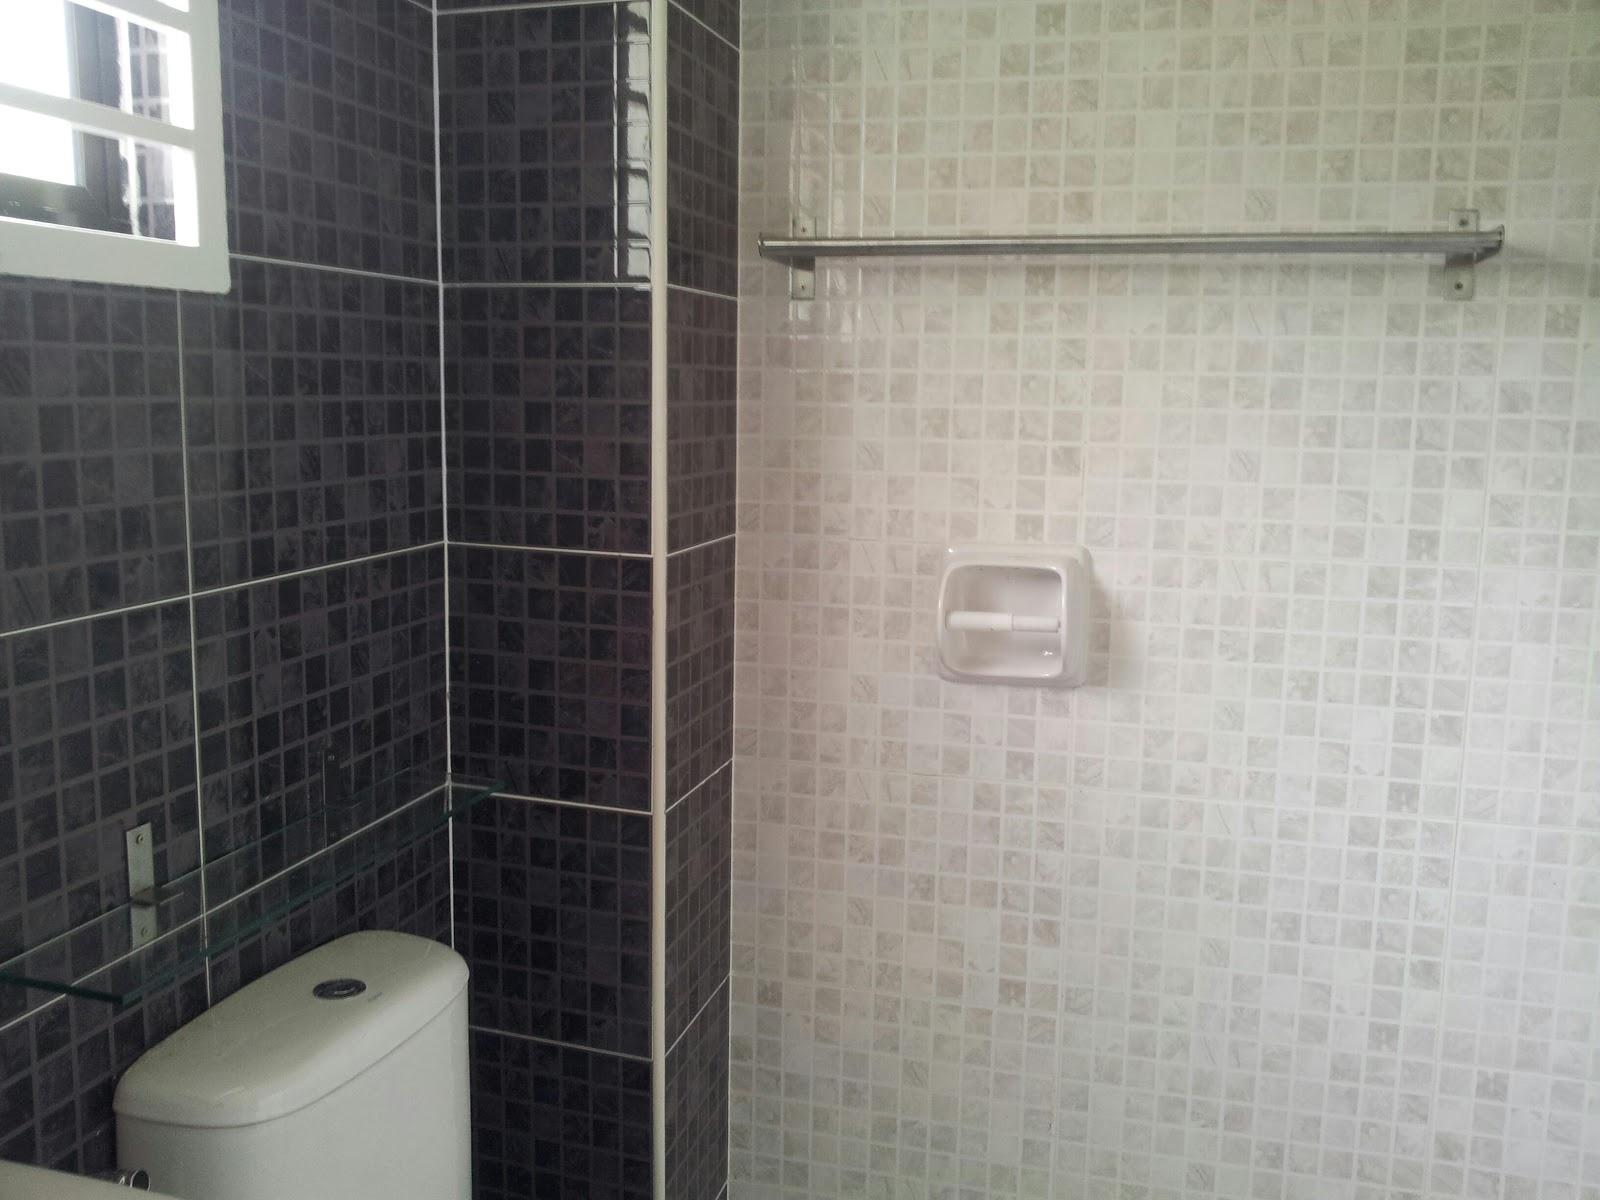 BaRU bELajAR Aksesori Toilet untuk Rumah Kami